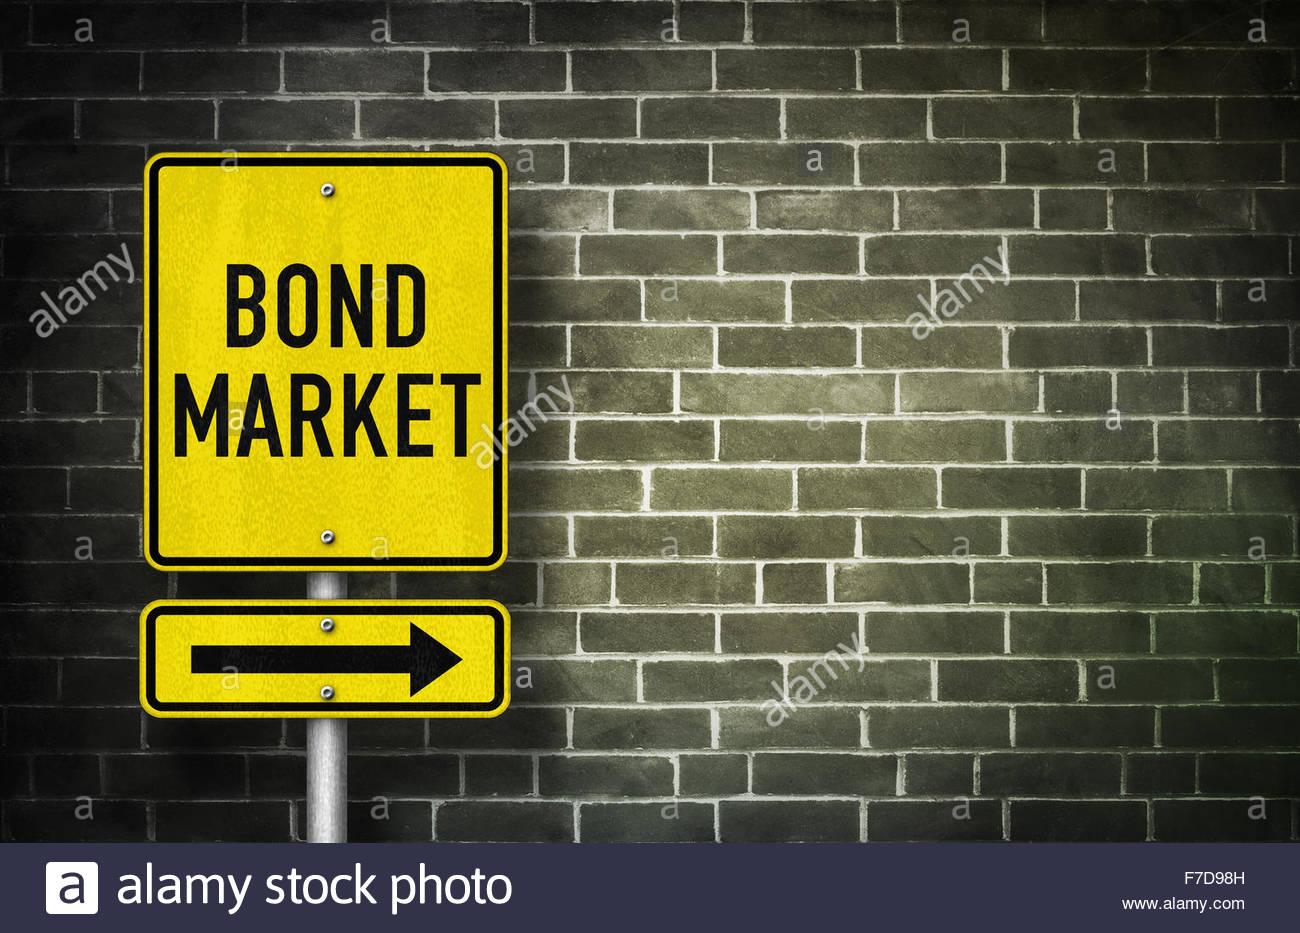 Bond Market - road sign illustration - Stock Image